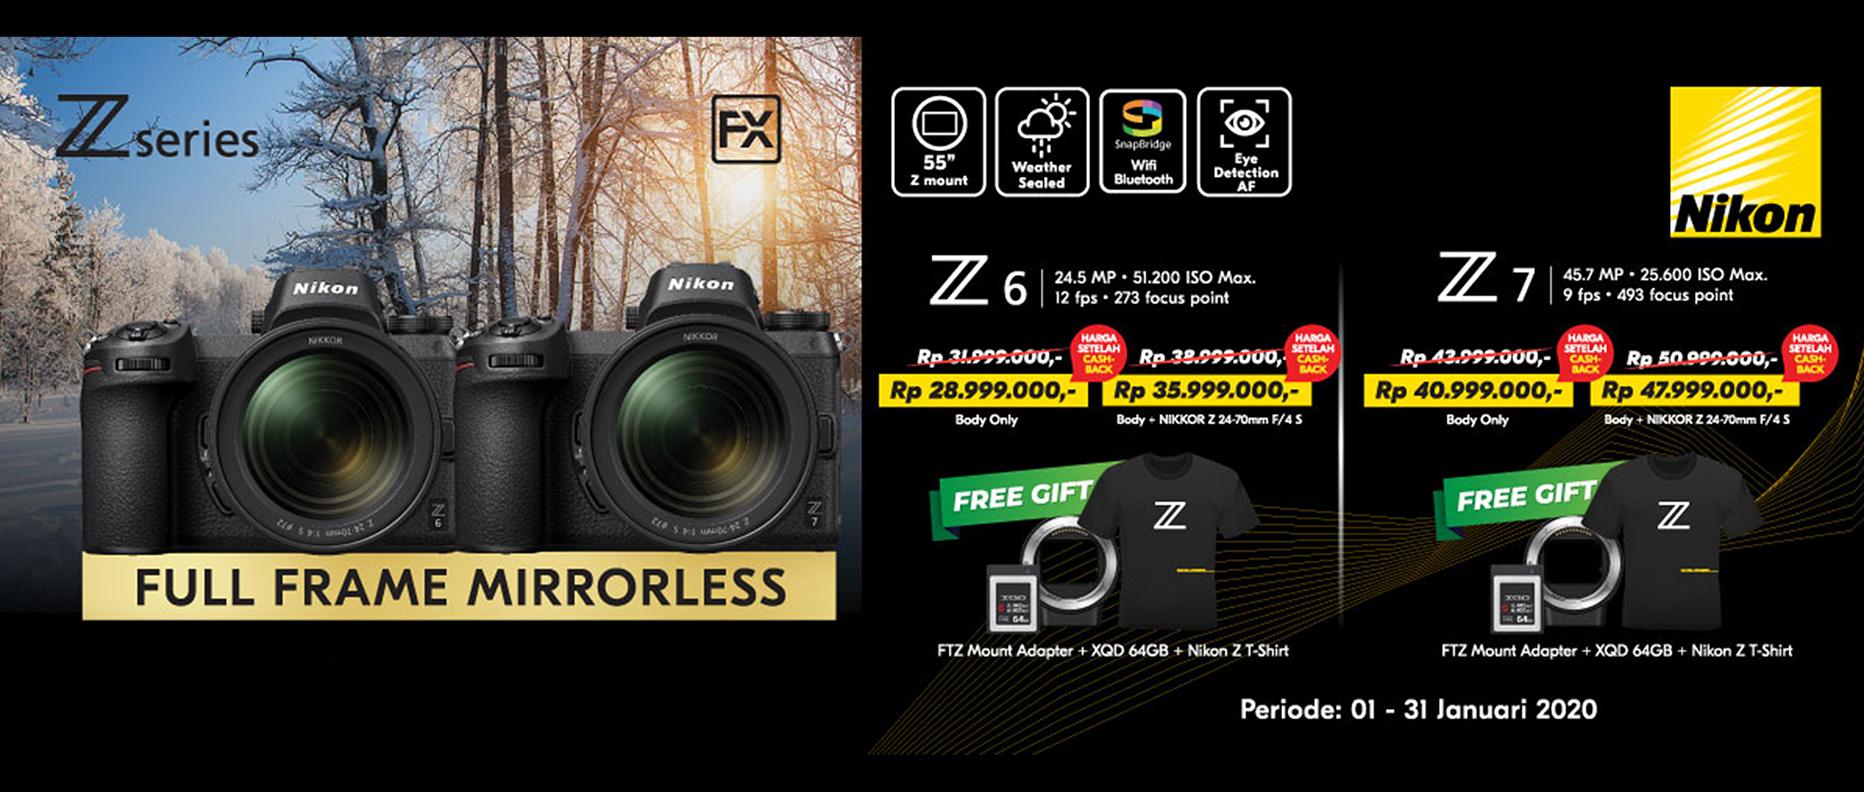 Promo Nikon Z6 and Nikon Z7